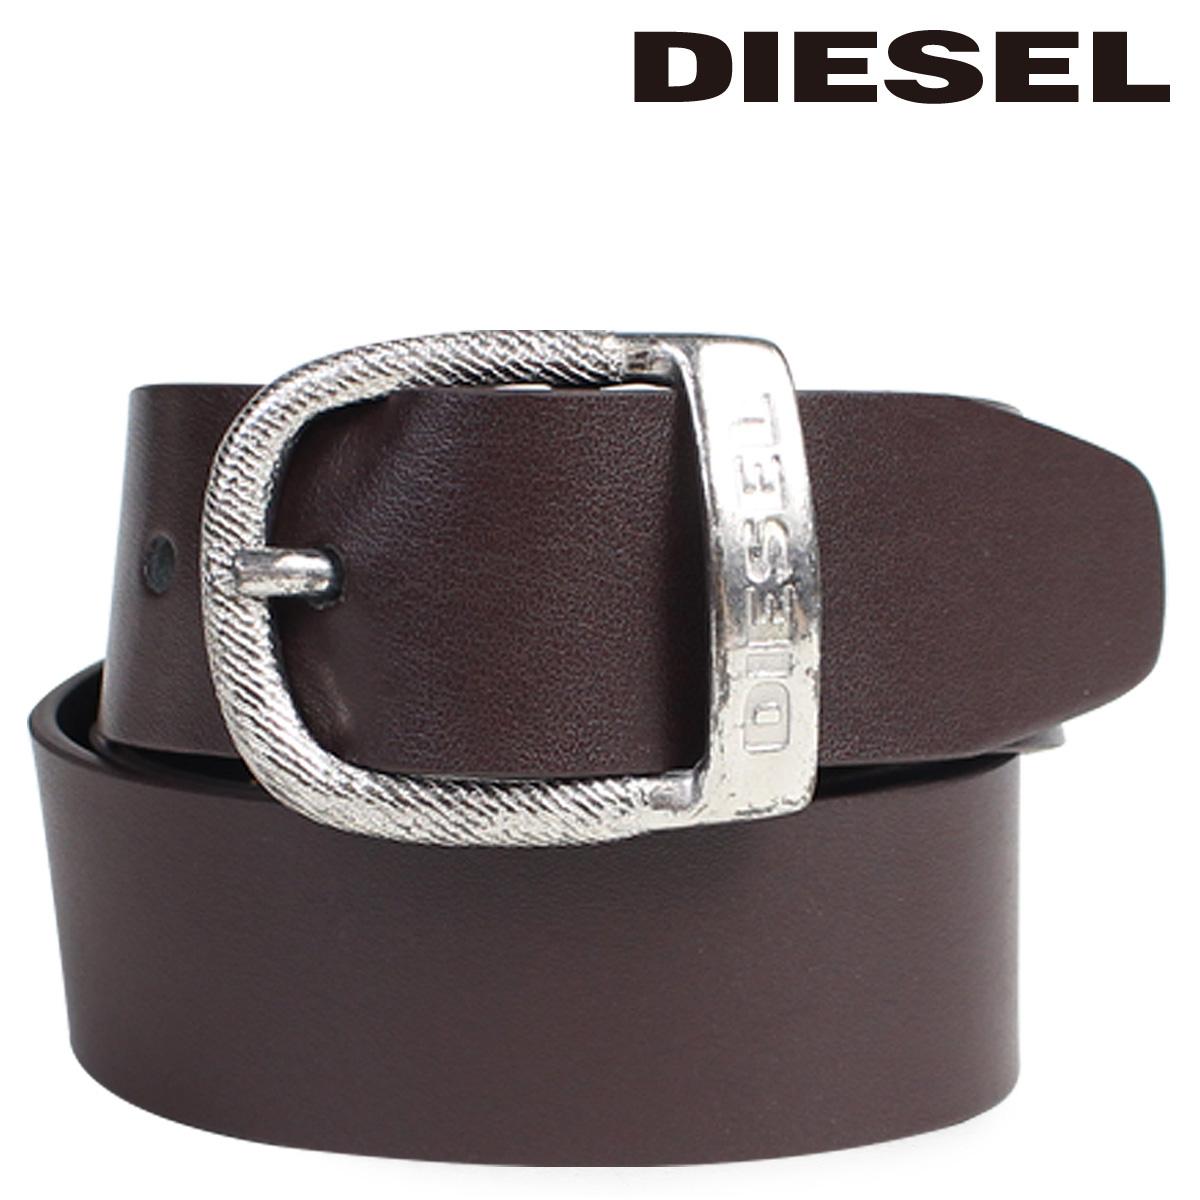 ディーゼル DIESEL ベルト メンズ バックル ロゴ入り カジュアル ヴィンテージ BAWRE X03717 PR250 ブラウン